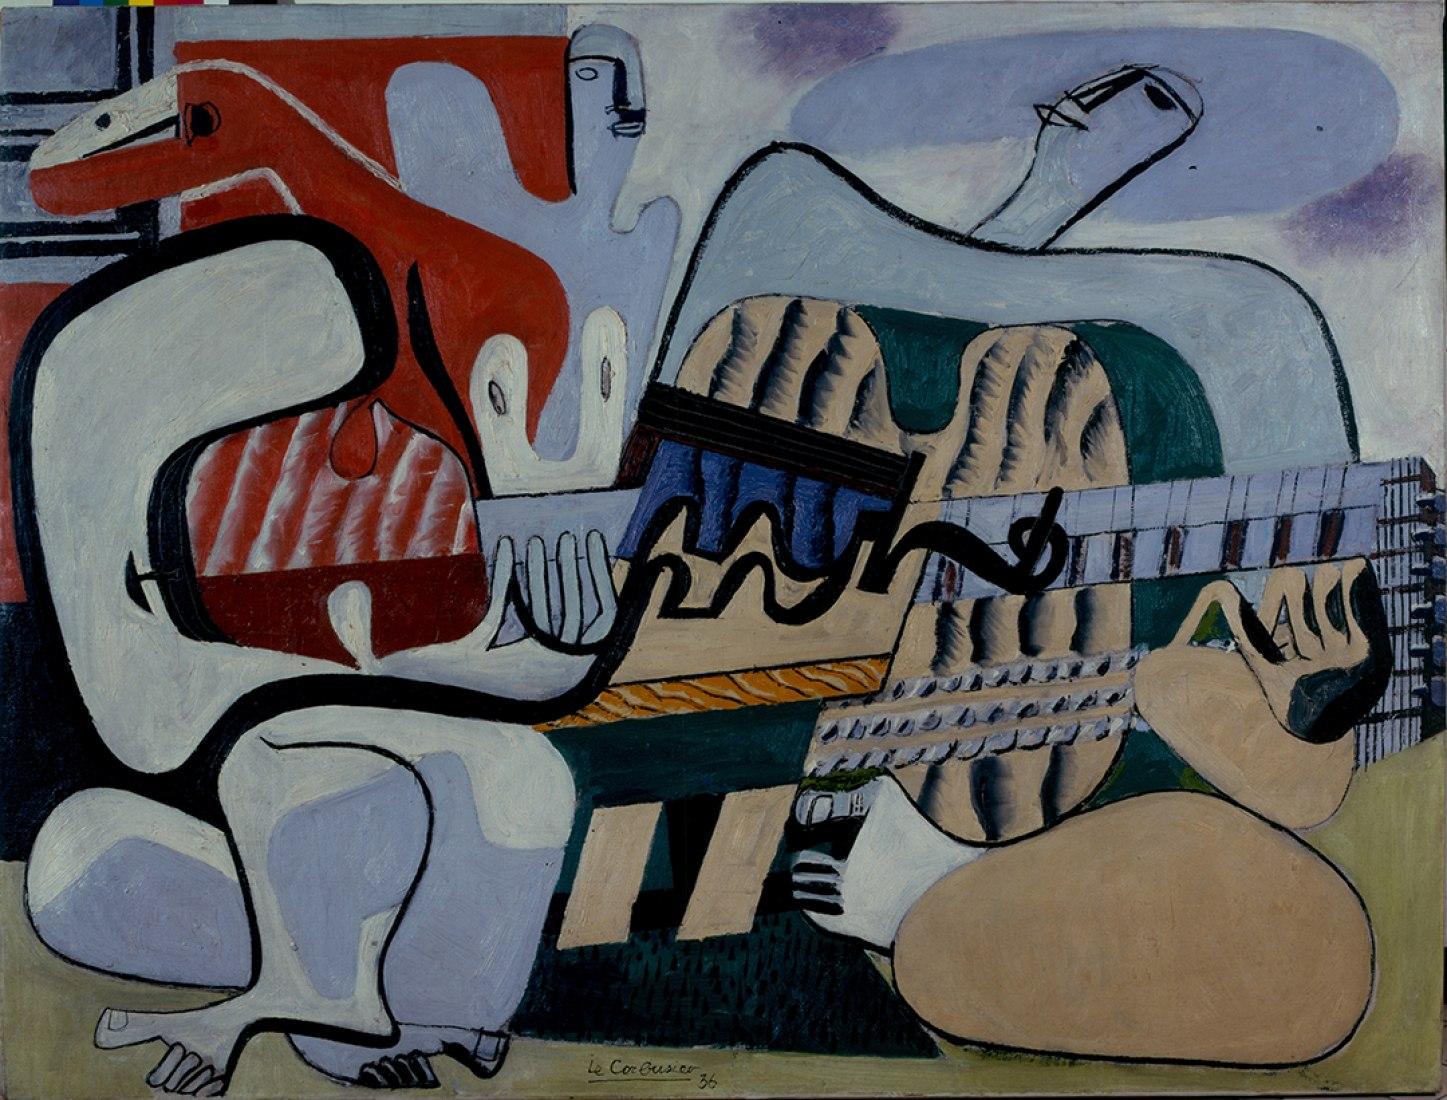 Tres músicos, Le Corbusier. Exposición Le Corbusier: Medidas Humanas, en el Centro Pompidou. Imagen © FLC, ADAGP, Paris 2015. Imagen cortesía del Centro Pompidou.